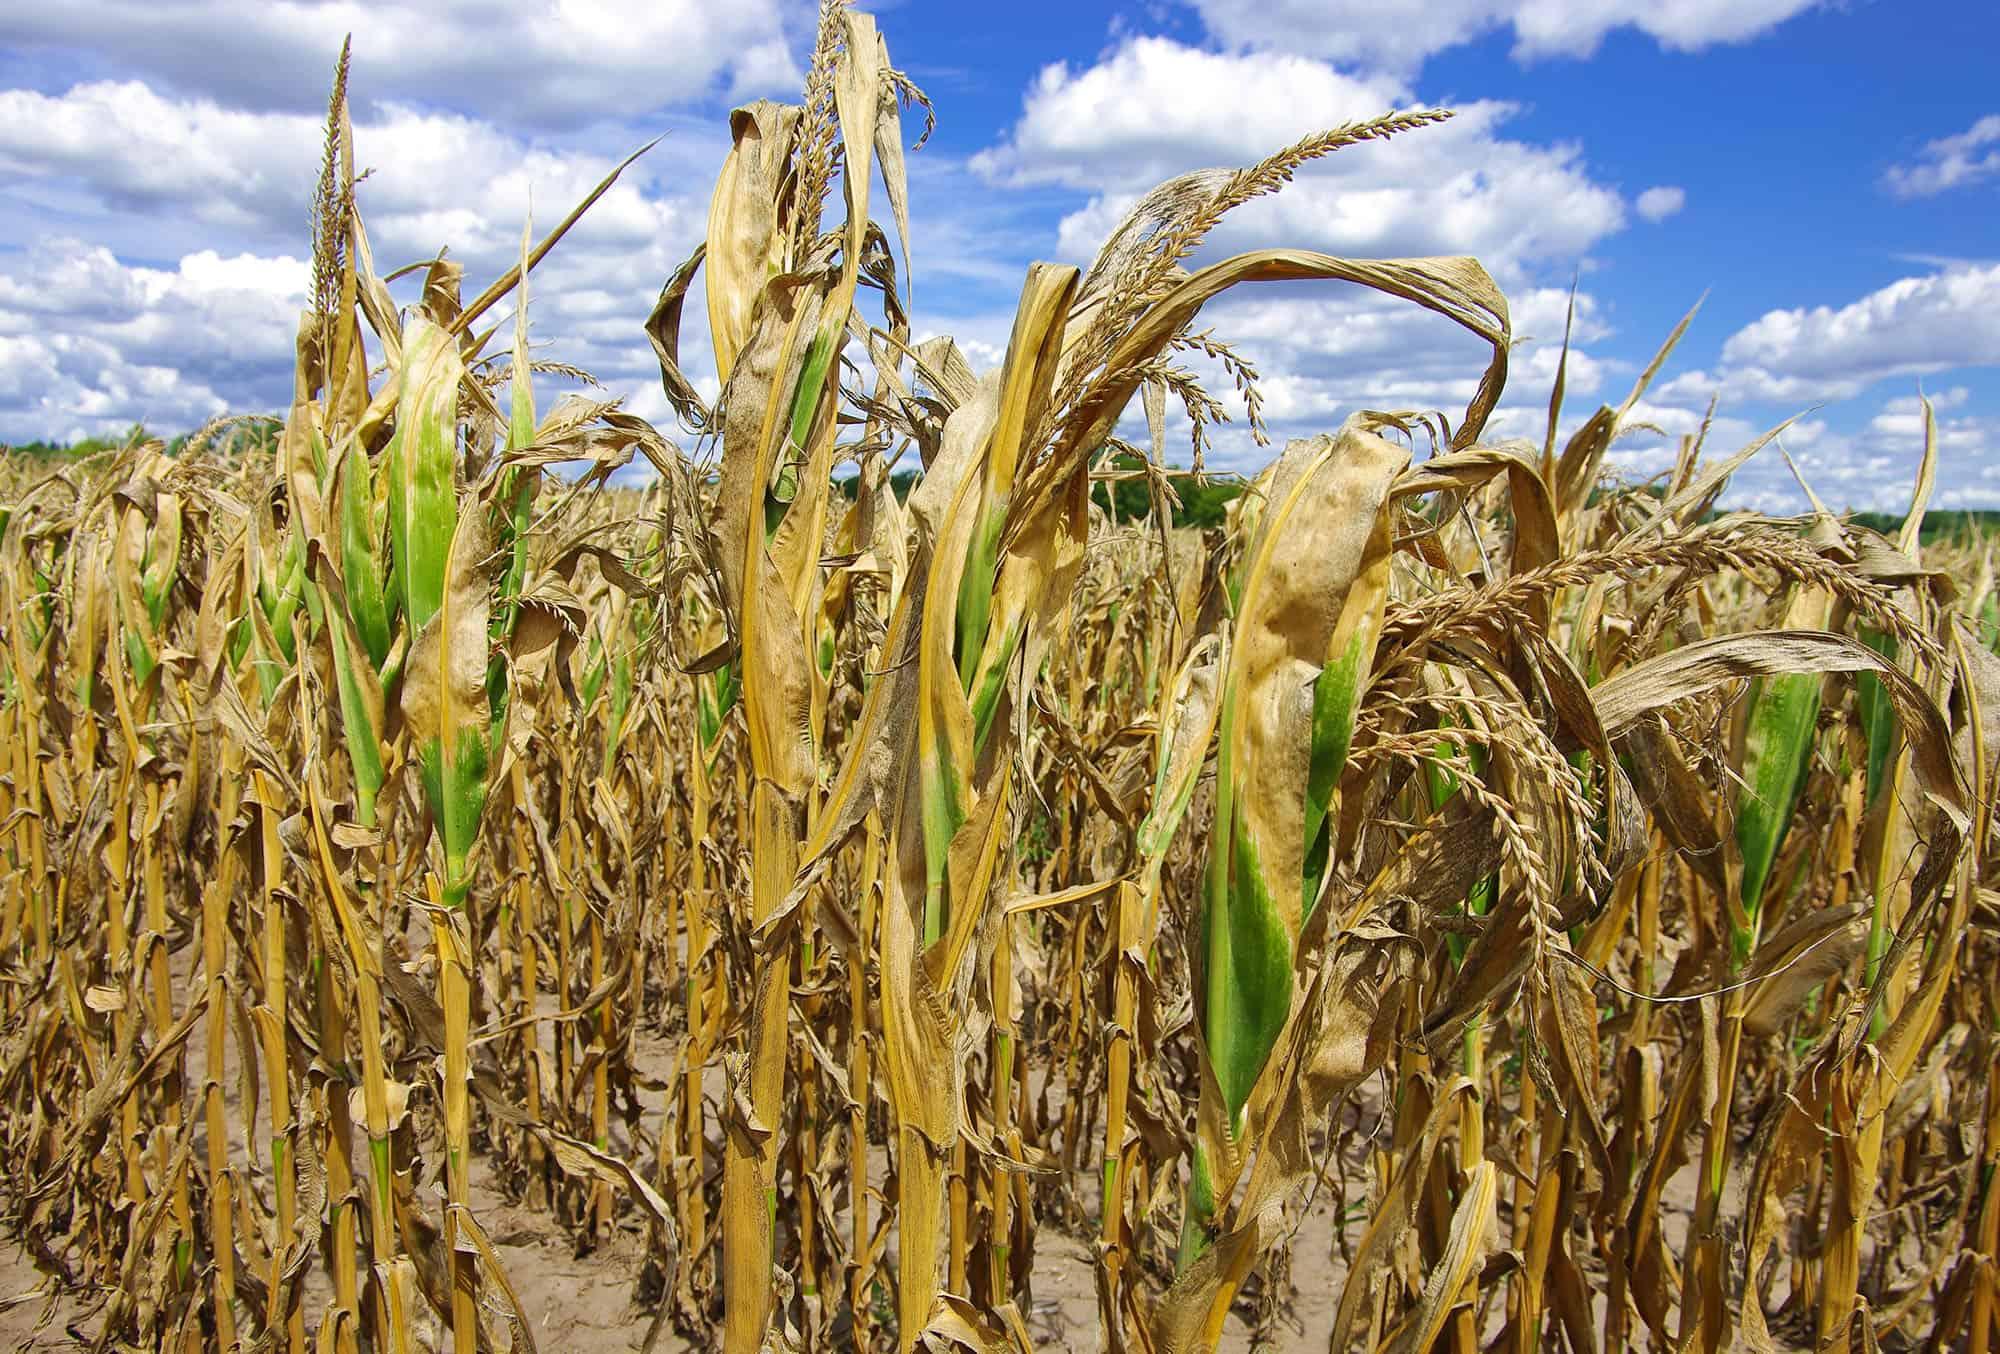 droogte laat prijzen stijgen - prijsverwachting grondstoffen ABZ Diervoeding